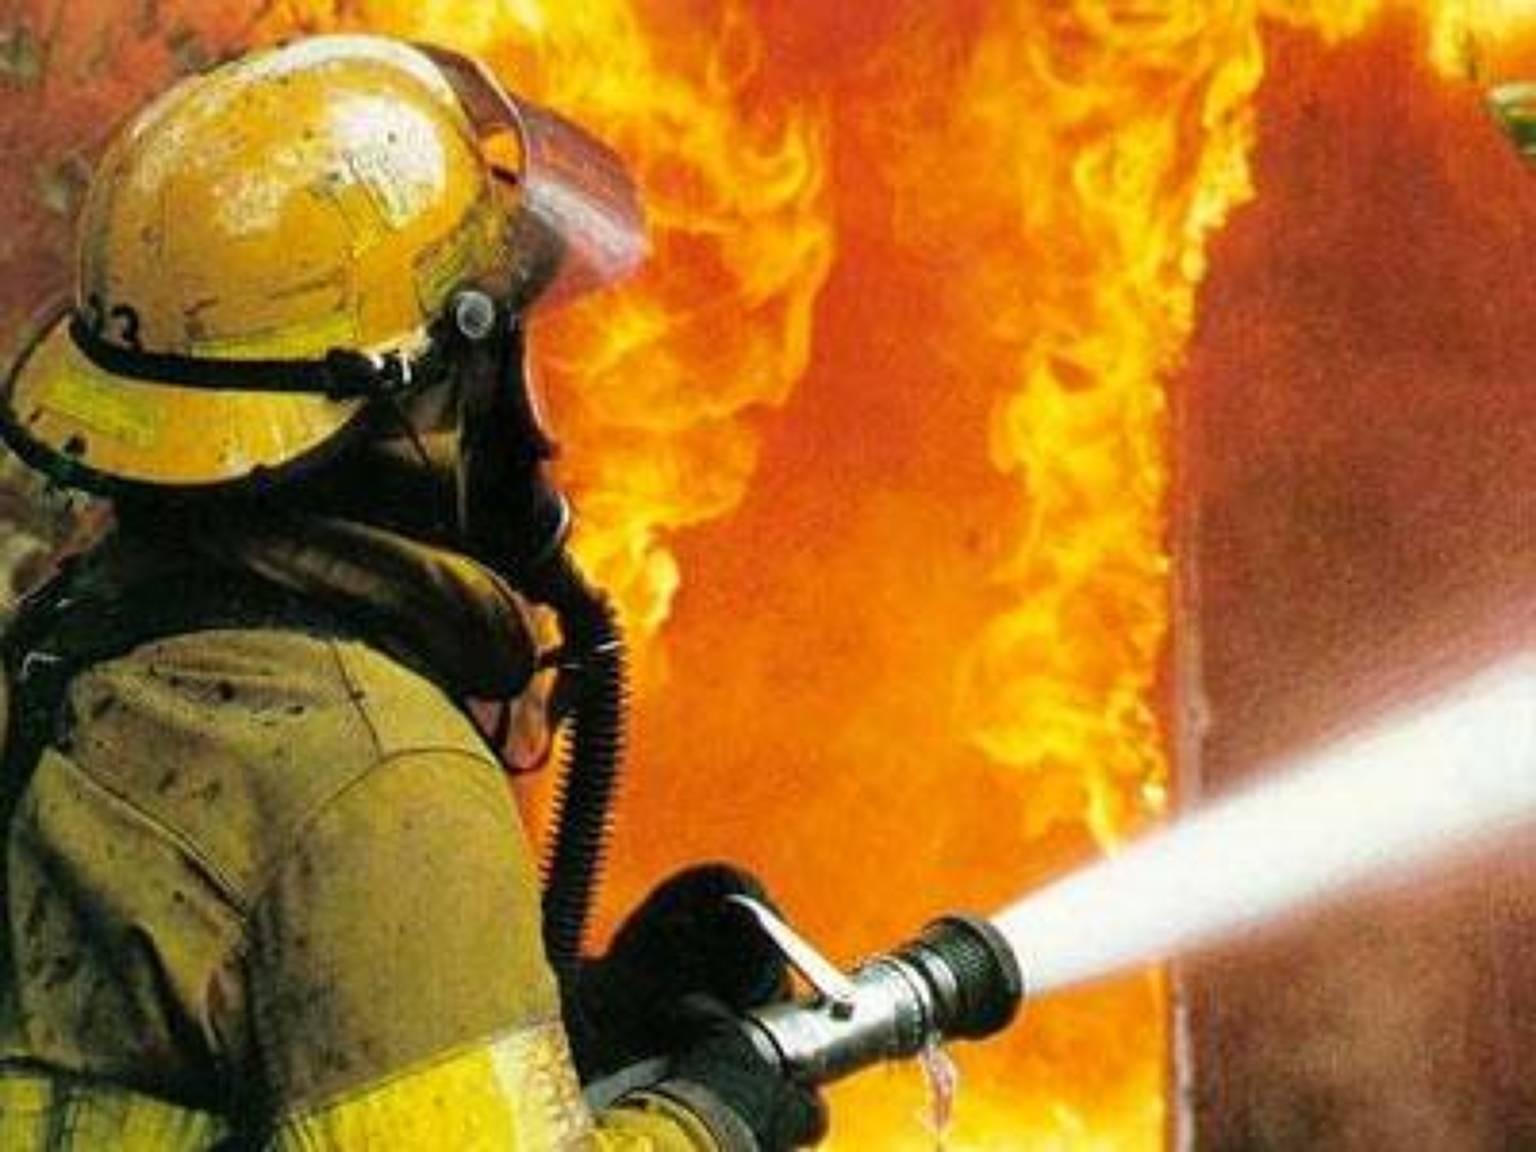 Изпожара наНовочеркасском после 2-х взрывов спасли ребёнка